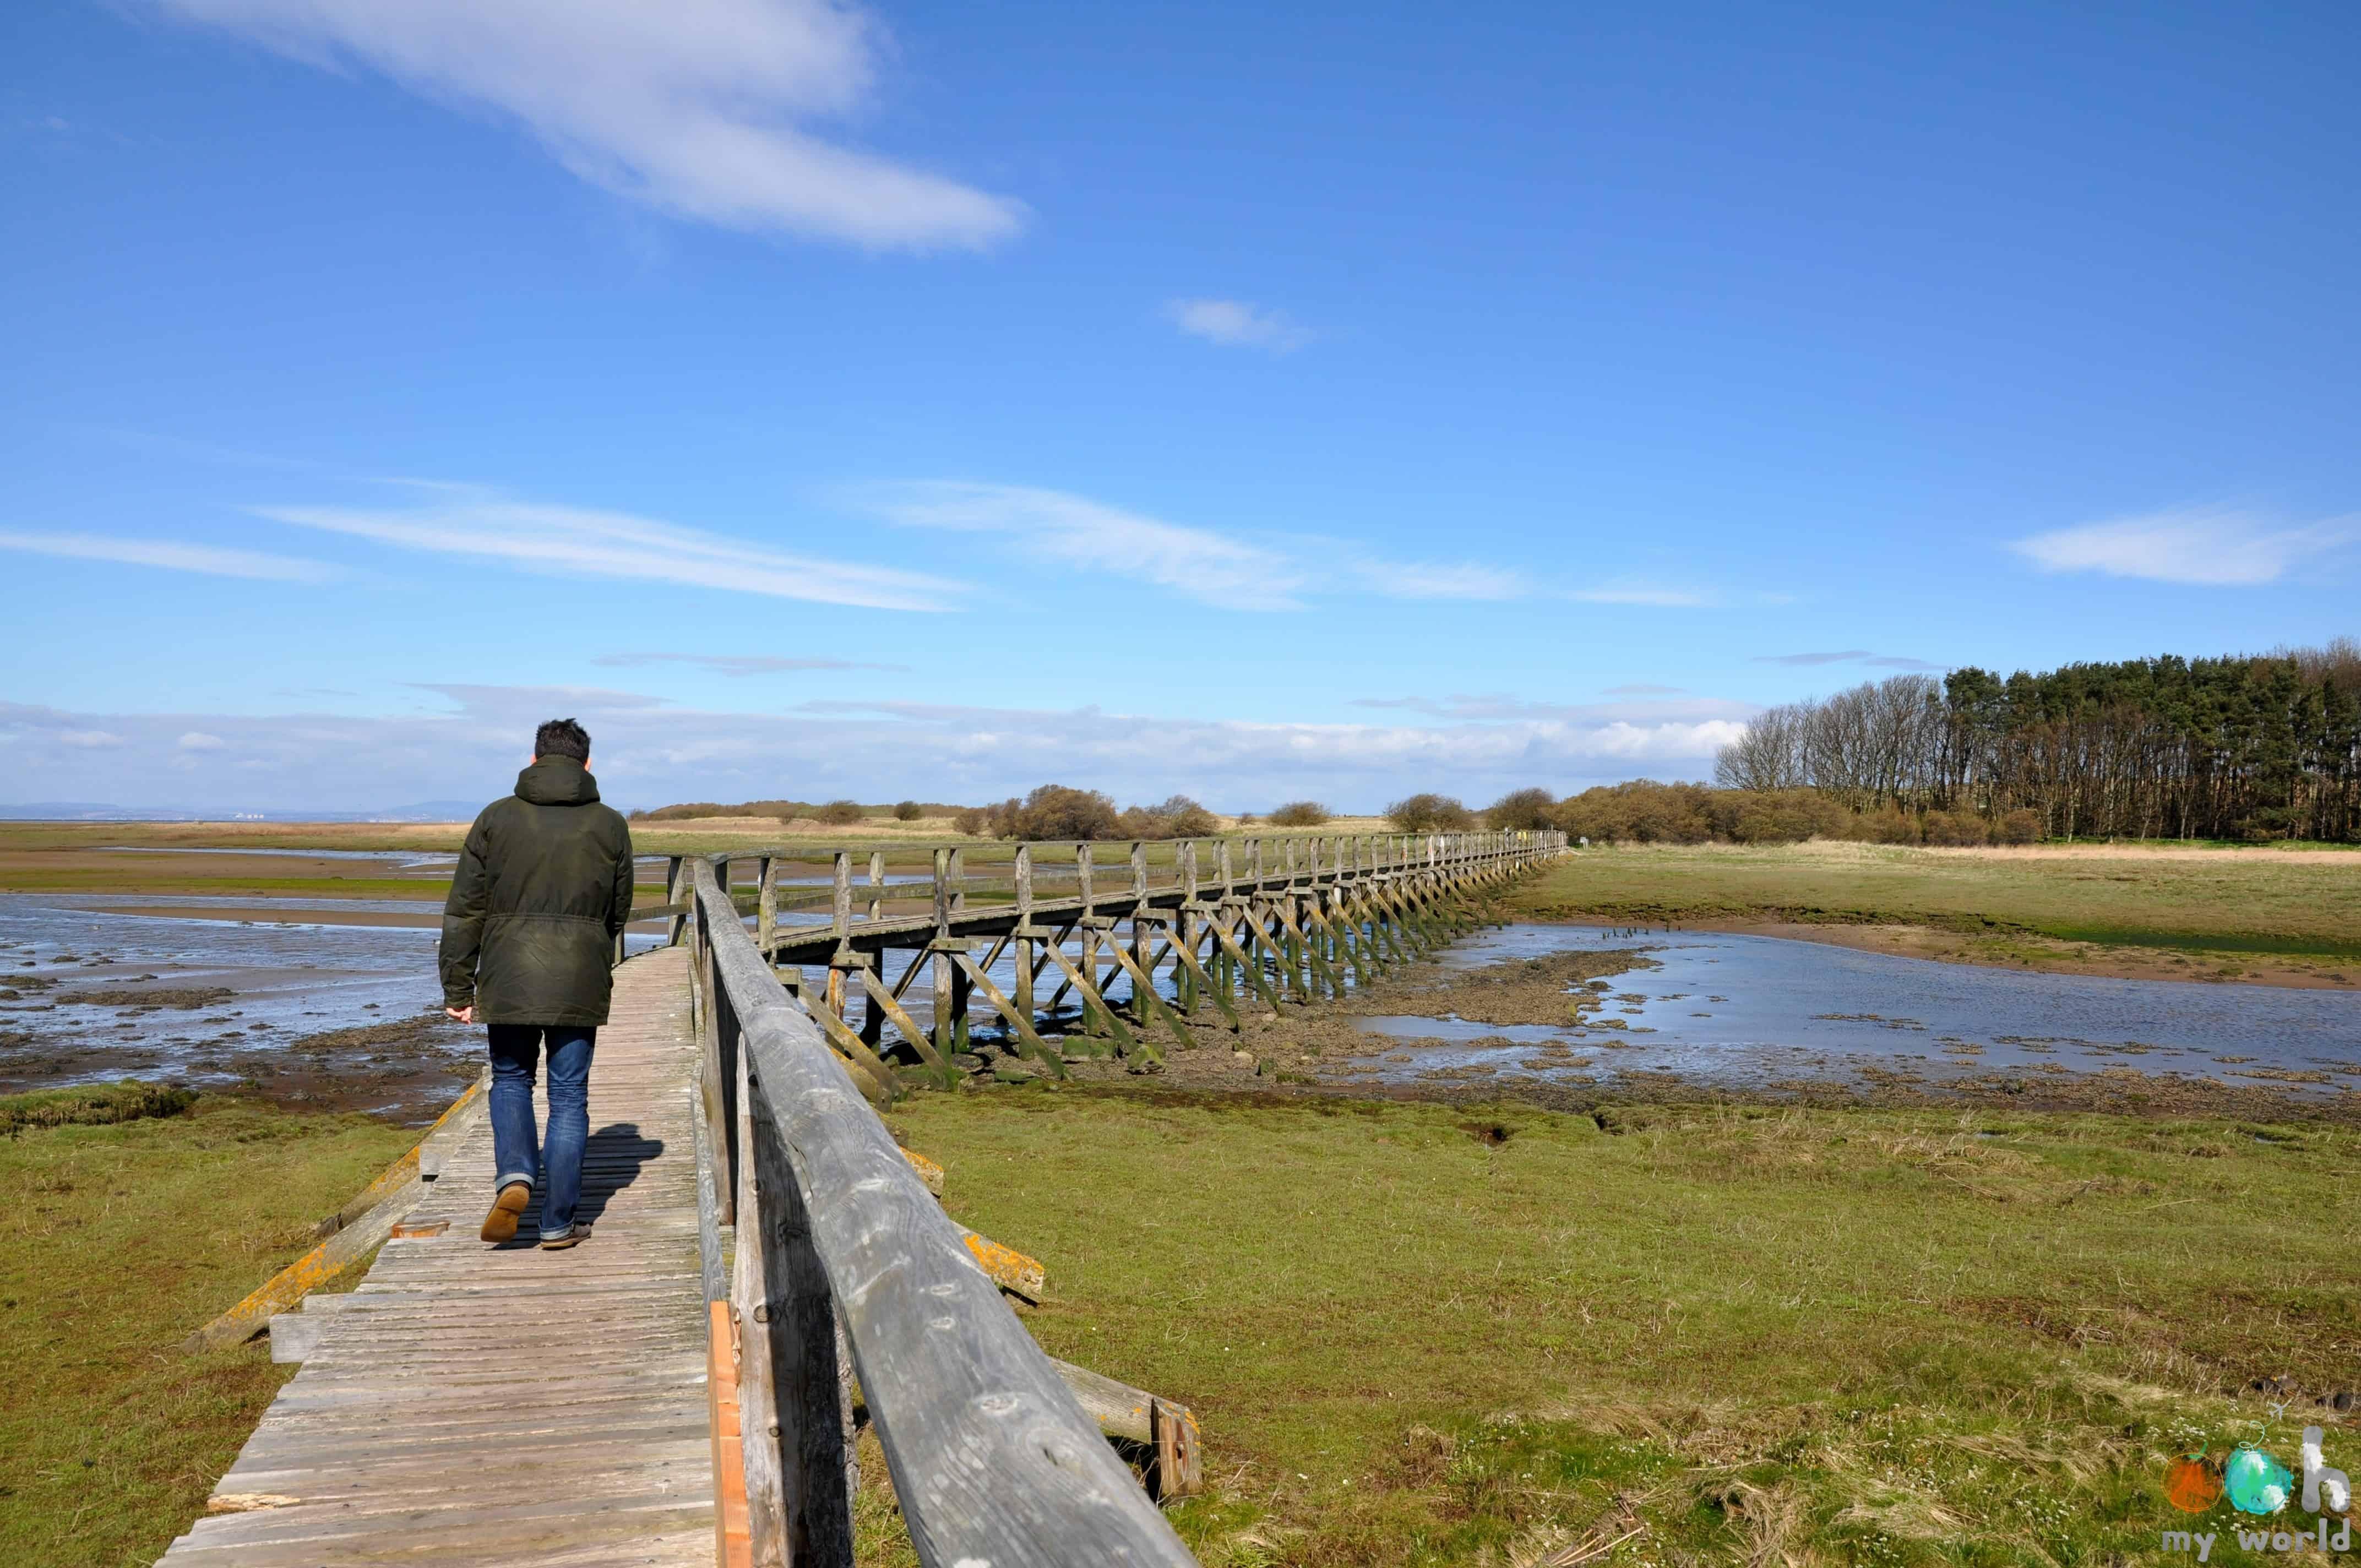 Pont_pour_accéder_a_la_réserve_de_Aberlady